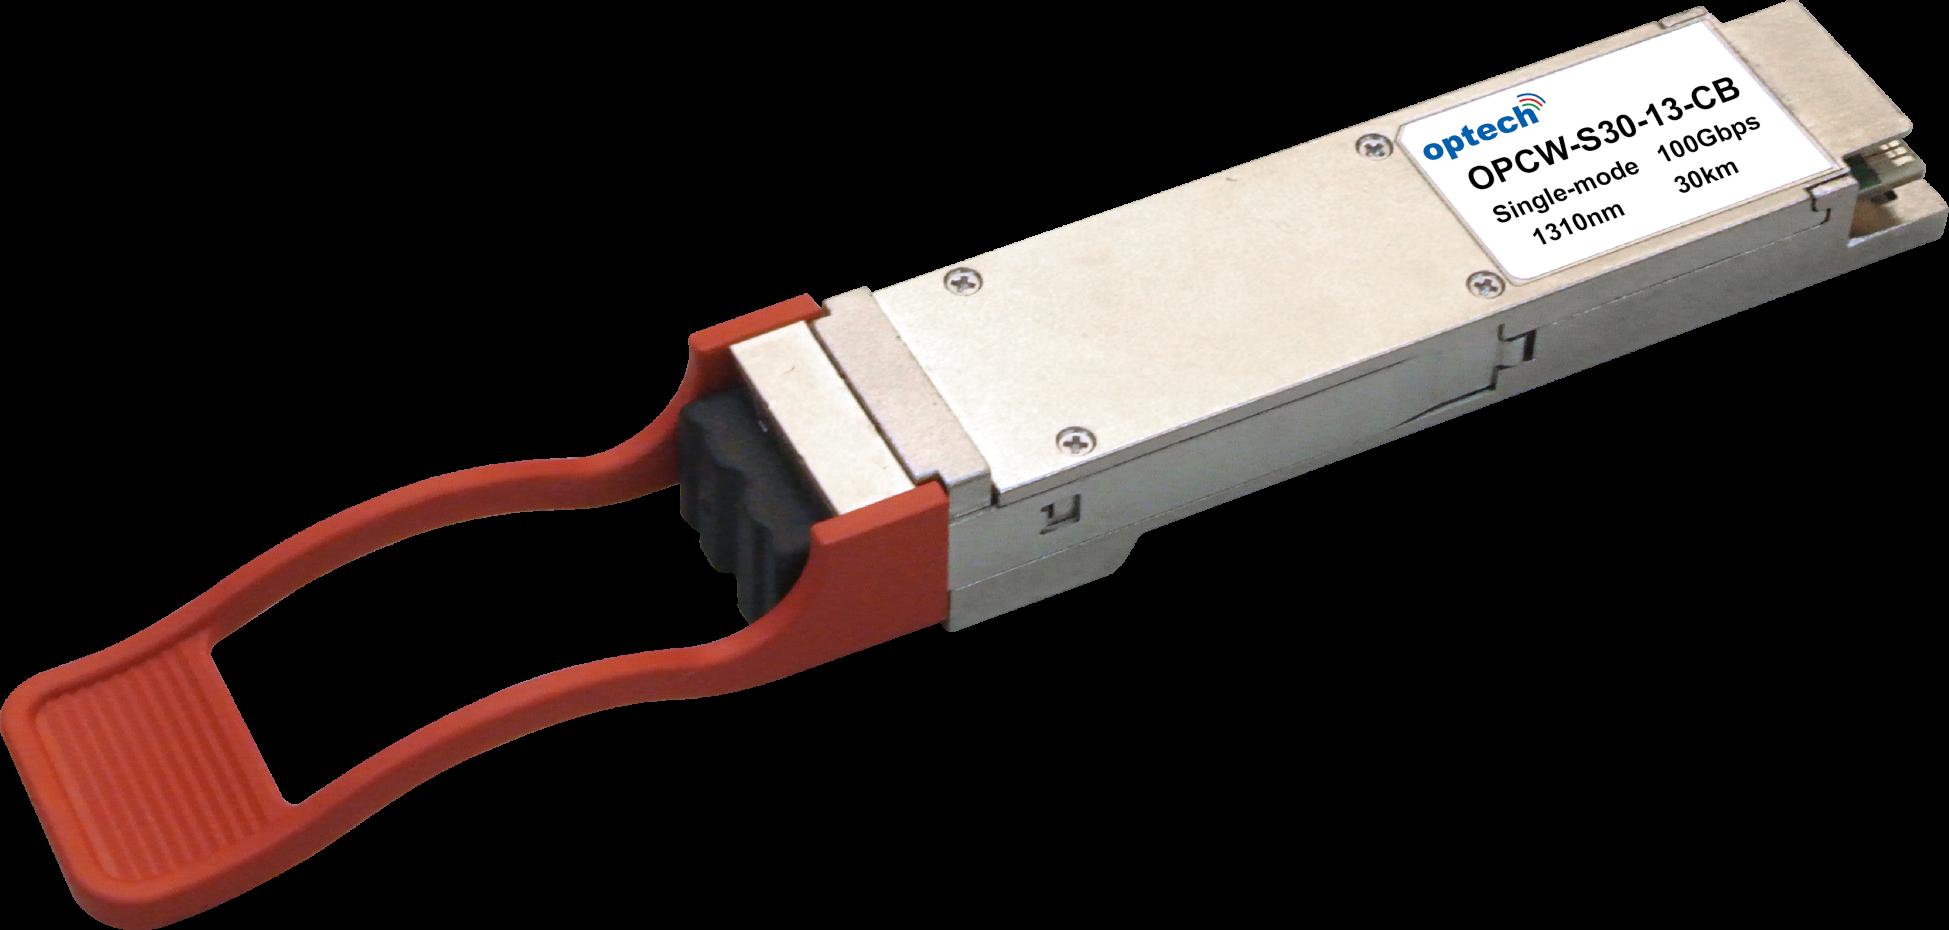 QSFP28 100G ER4 40KM SMF OPTICAL TRANSCEIVER OPCW-S30-13-CB